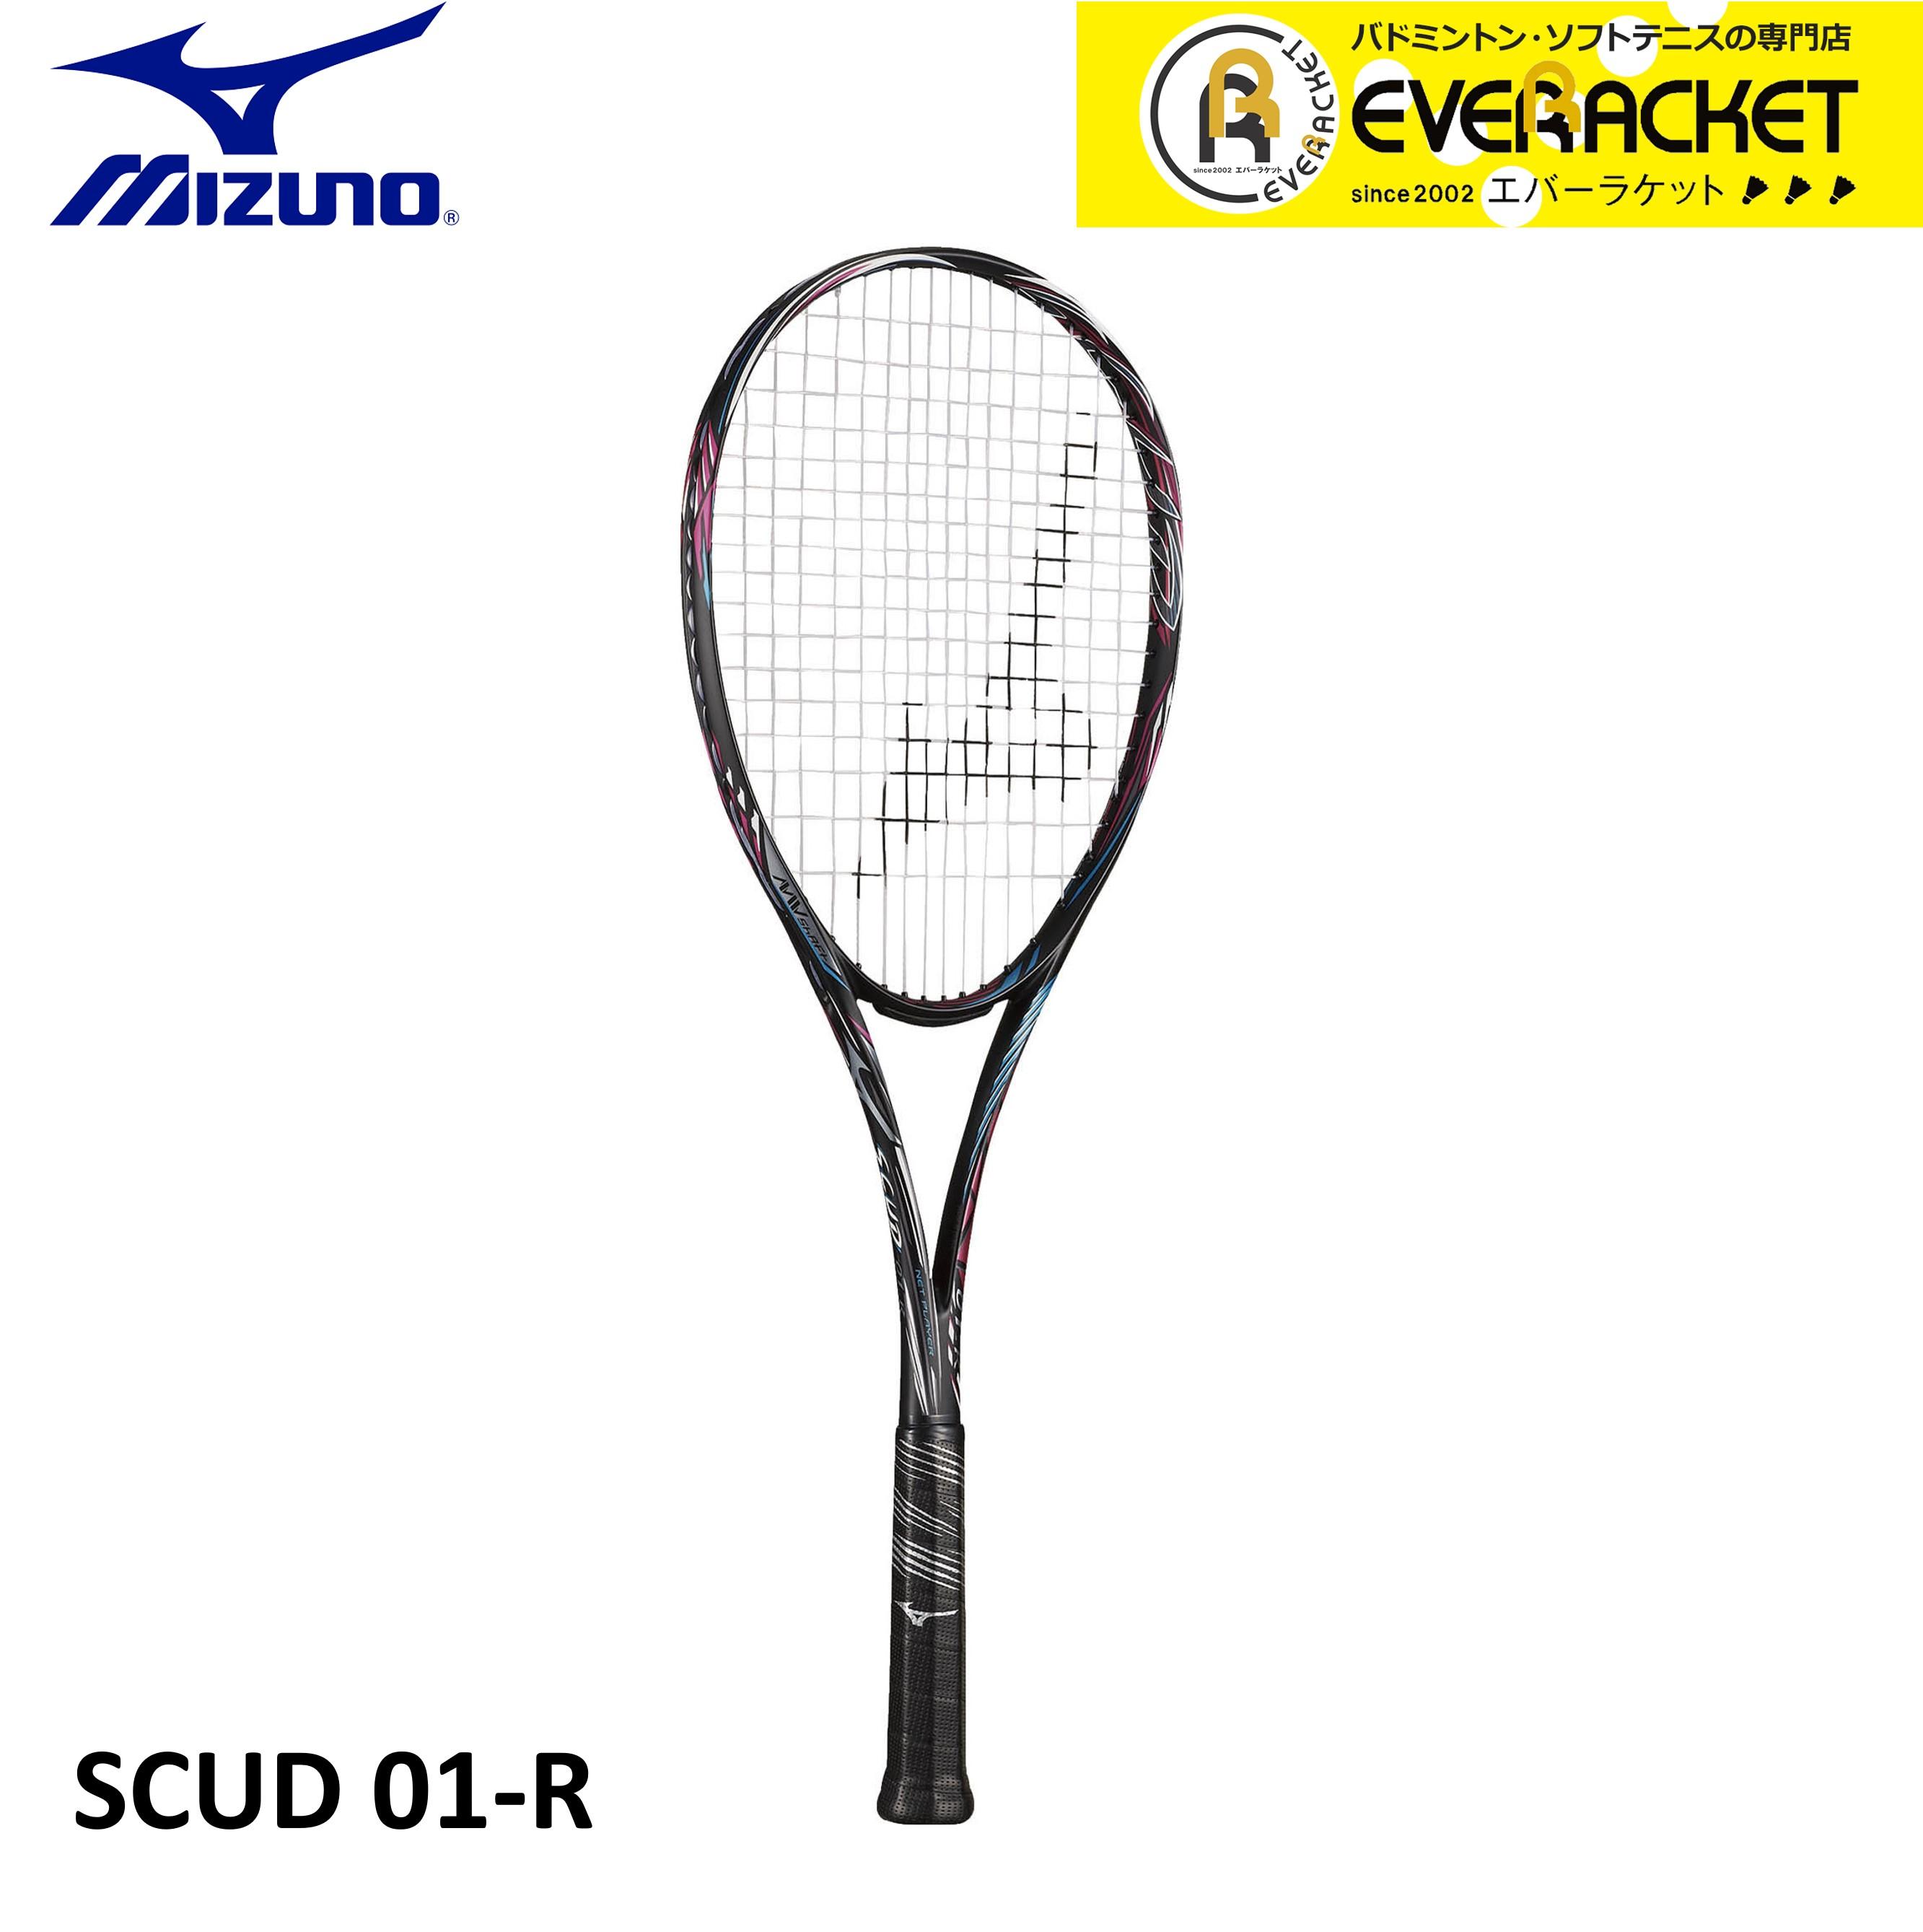 【スーパーセールポイント5倍】ミズノ MIZUNO ソフトテニスラケット SCUD 01-R 63JTN05364 ソフトテニス《ガット代・張り代無料》